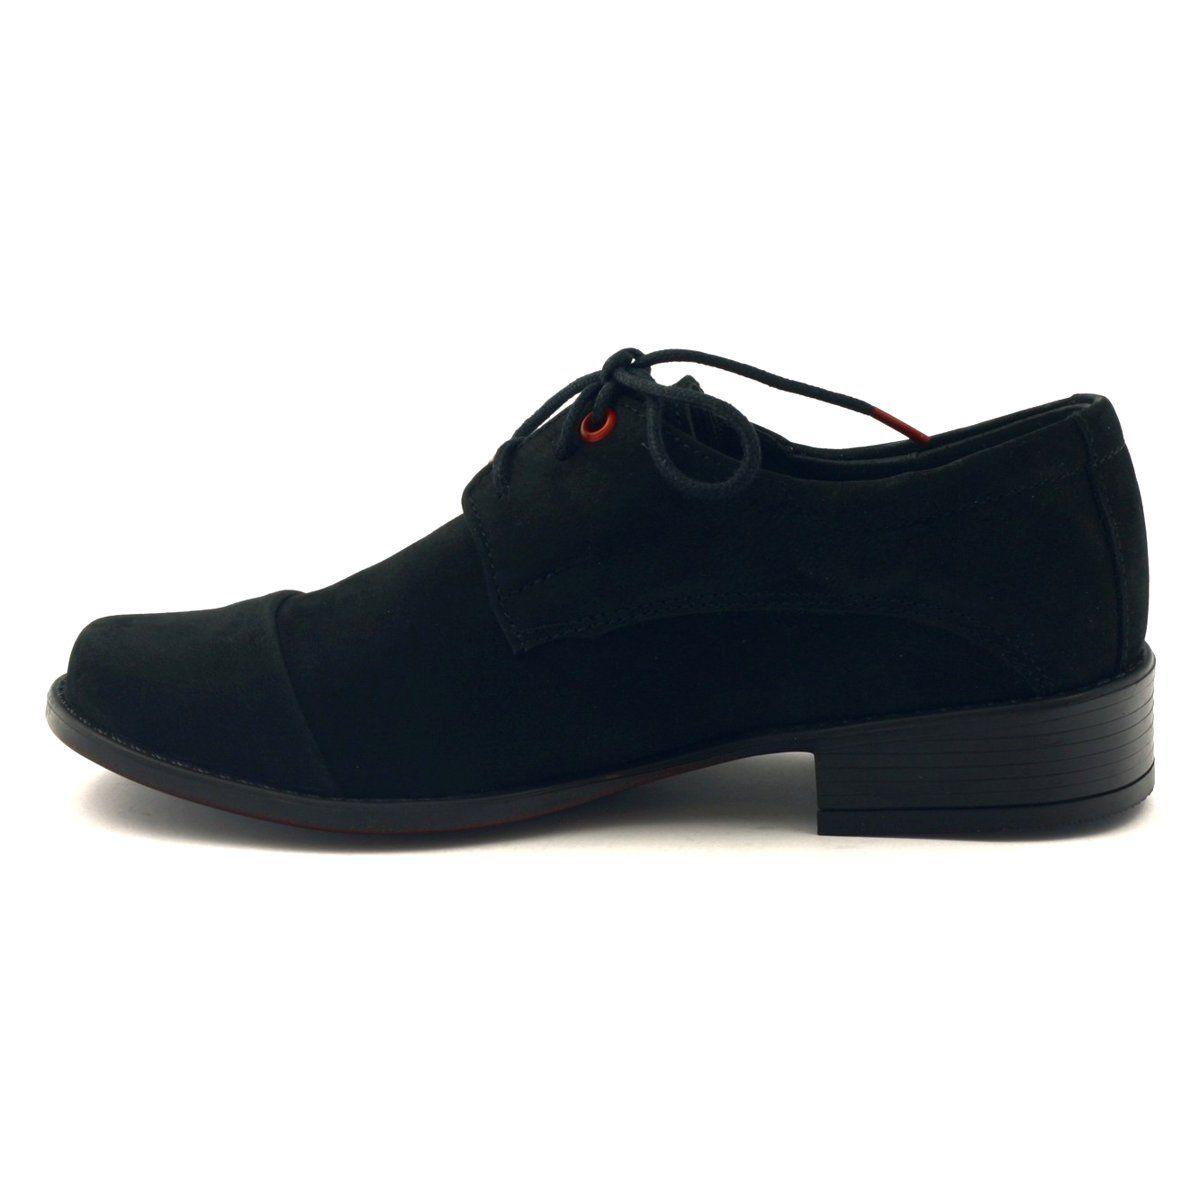 Zarro Czarne Polbuty Komunijne Skora Zamszowa Shoes Sneakers Fashion